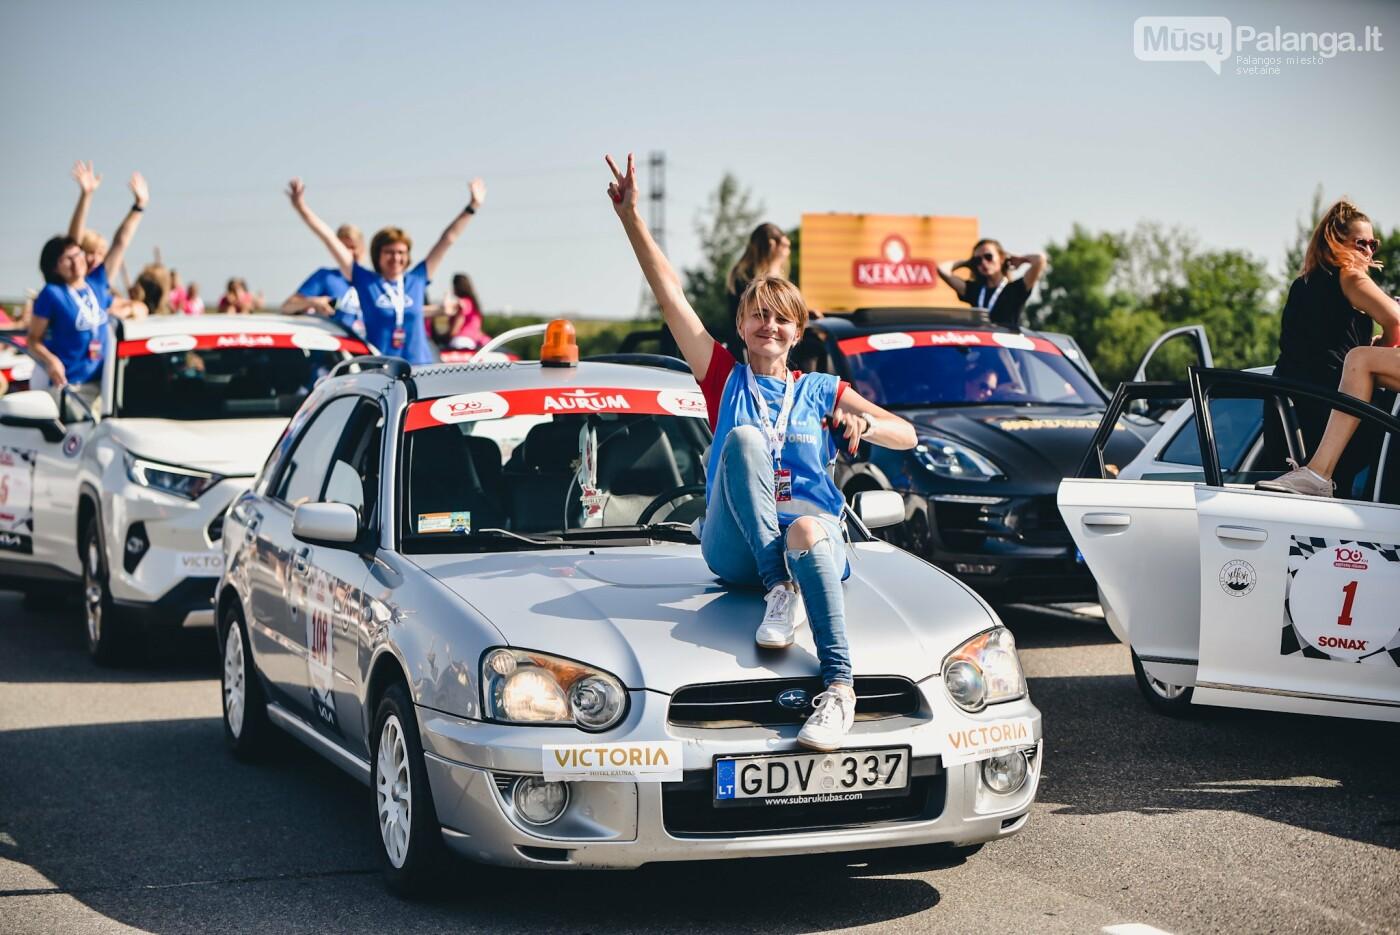 Žiūrovus žavėjo kilometrinė moterų iššūkio dalyvių kolona, nuotrauka-10, Vytauto PILKAUSKO ir Arno STRUMILOS nuotraukos